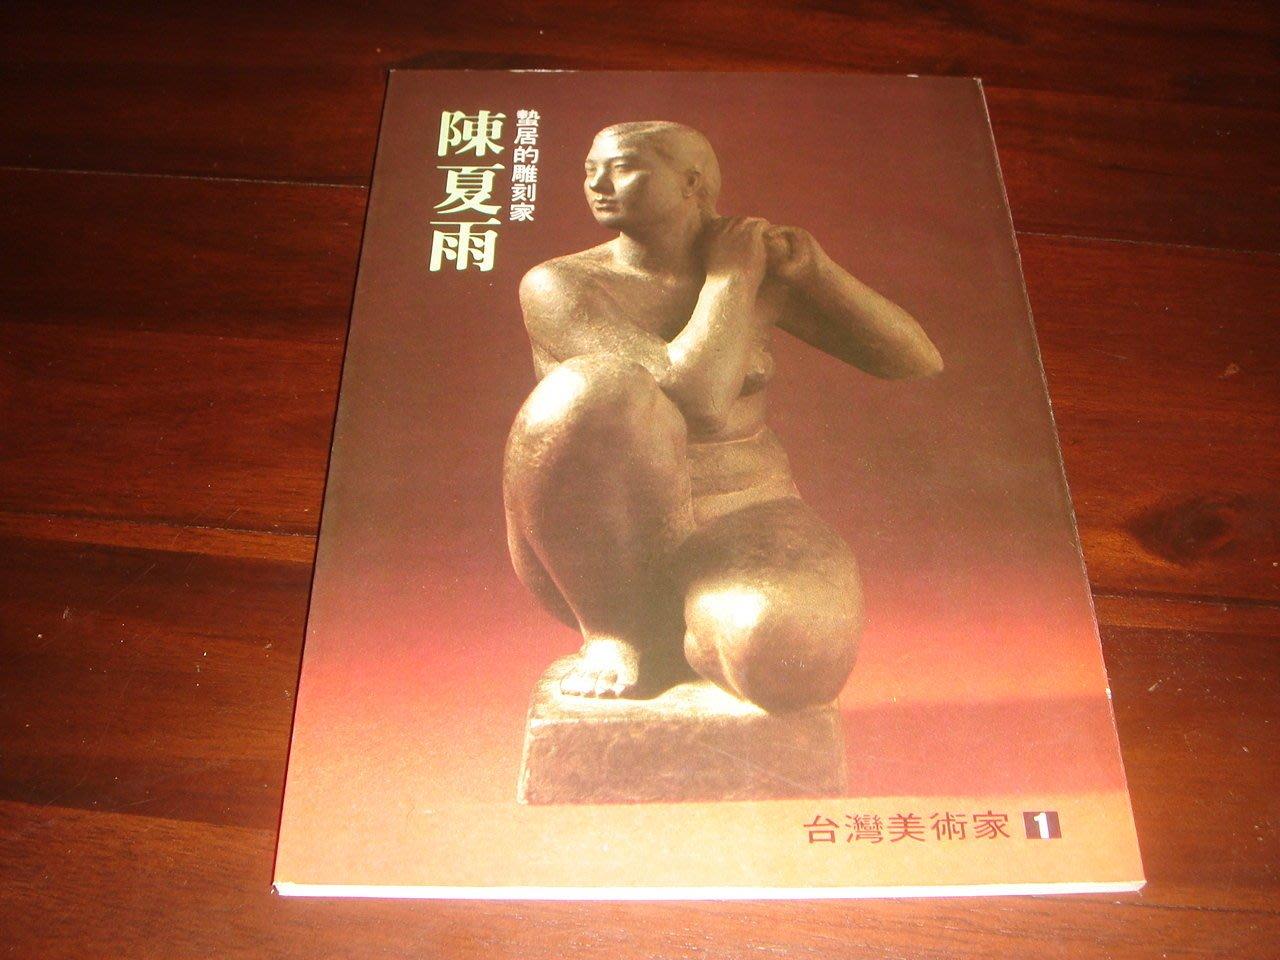 【三米藝術二手書店】蟄居的雕刻家─陳夏雨雕塑集~~珍藏書交流分享,雄獅圖書出版